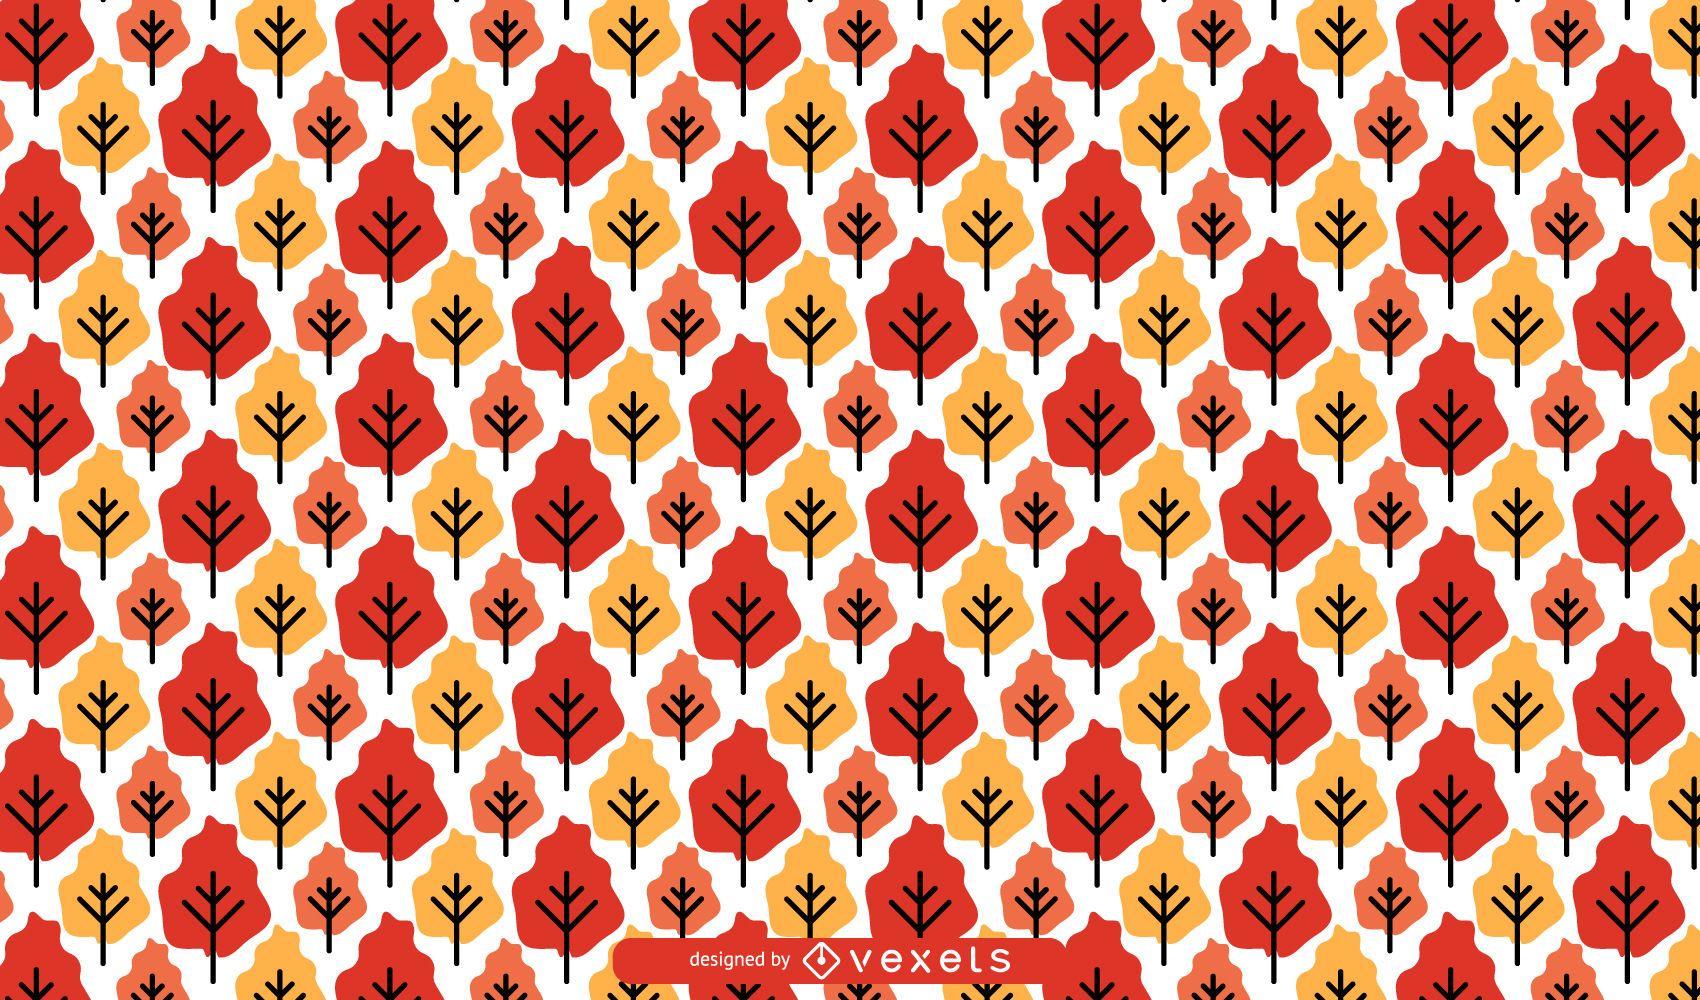 Padrão de árvores de outono sem costura